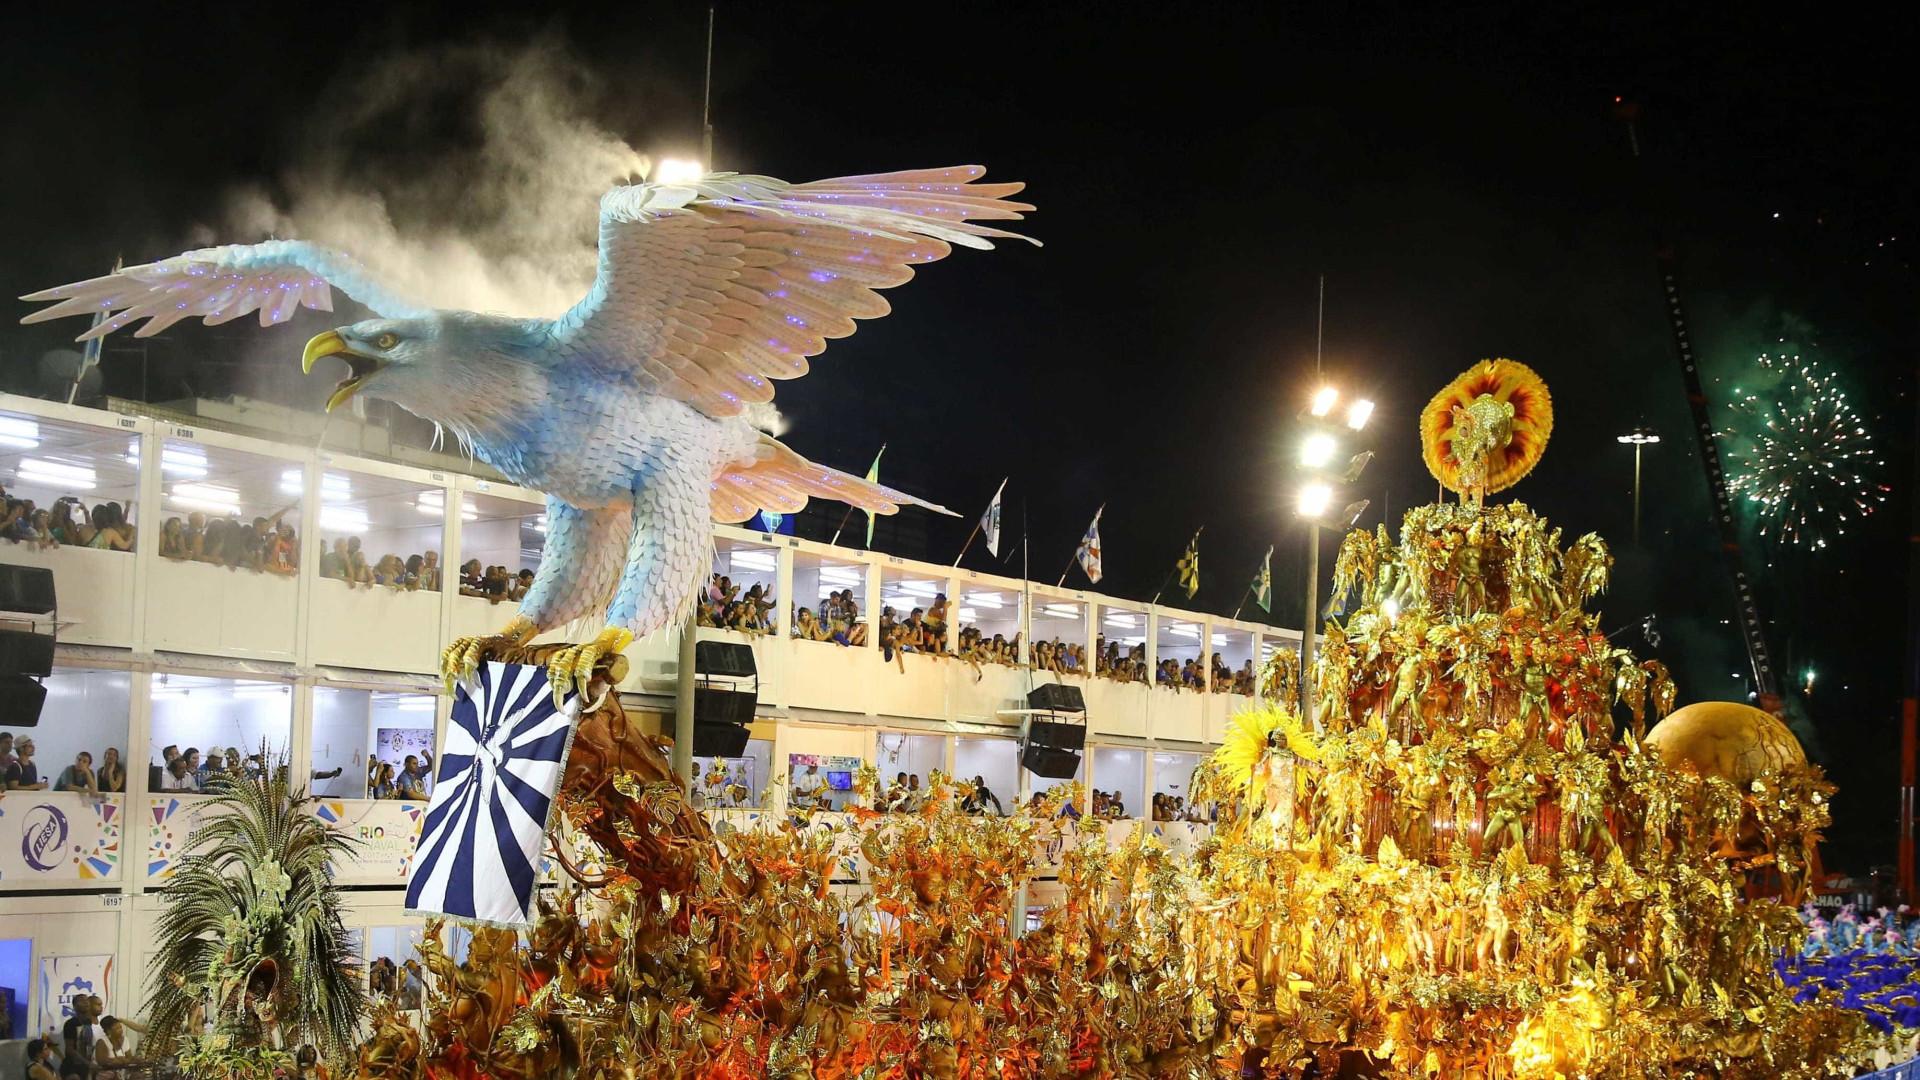 Começa hoje desfile do Grupo Especial das Escolas de Samba do Rio